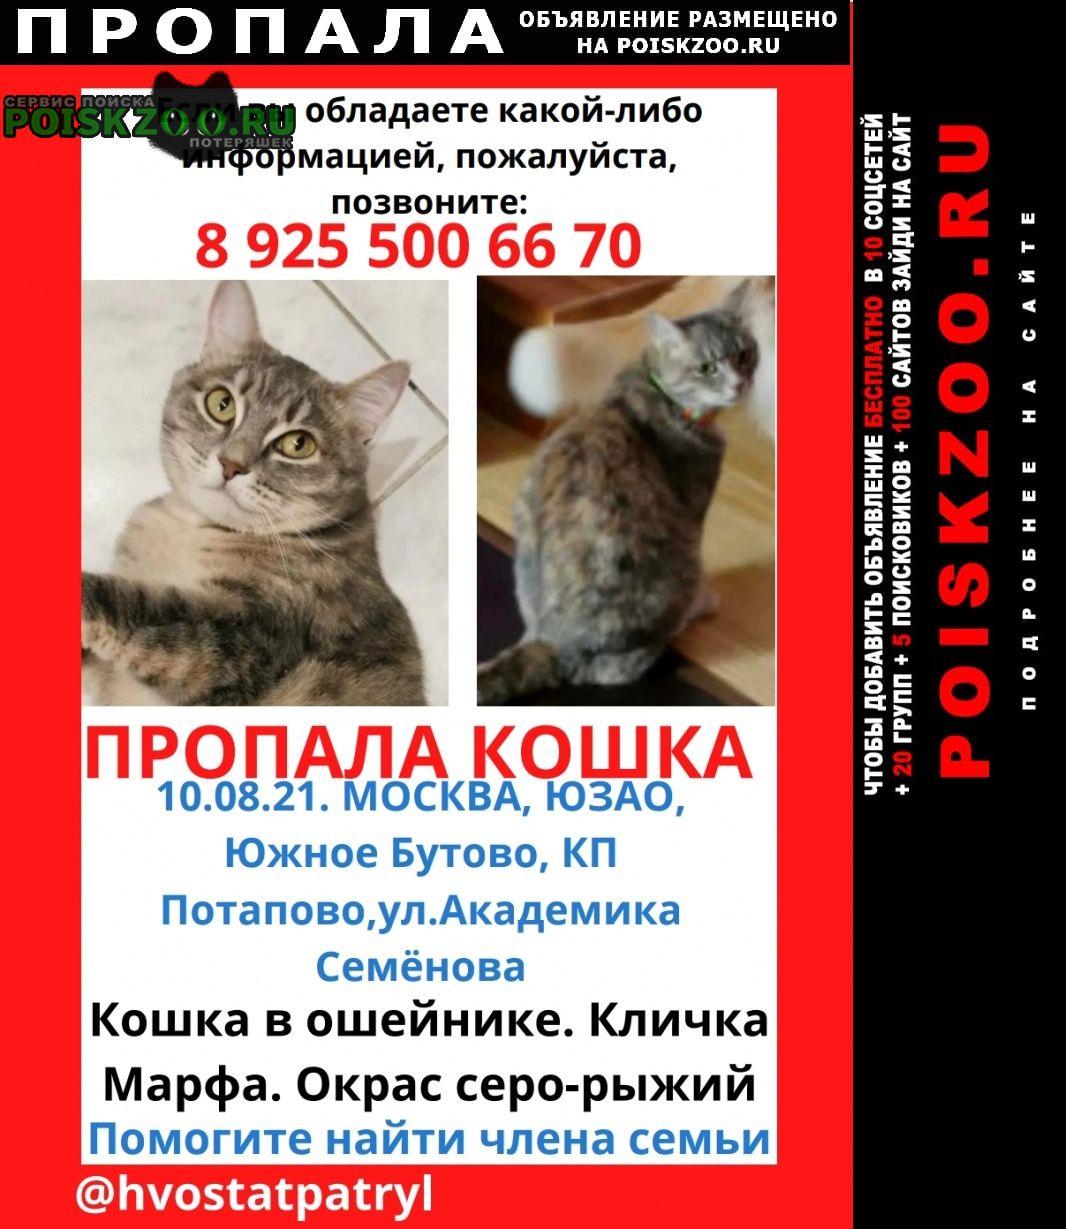 Пропала кошка в южном бутово кп потапово Москва